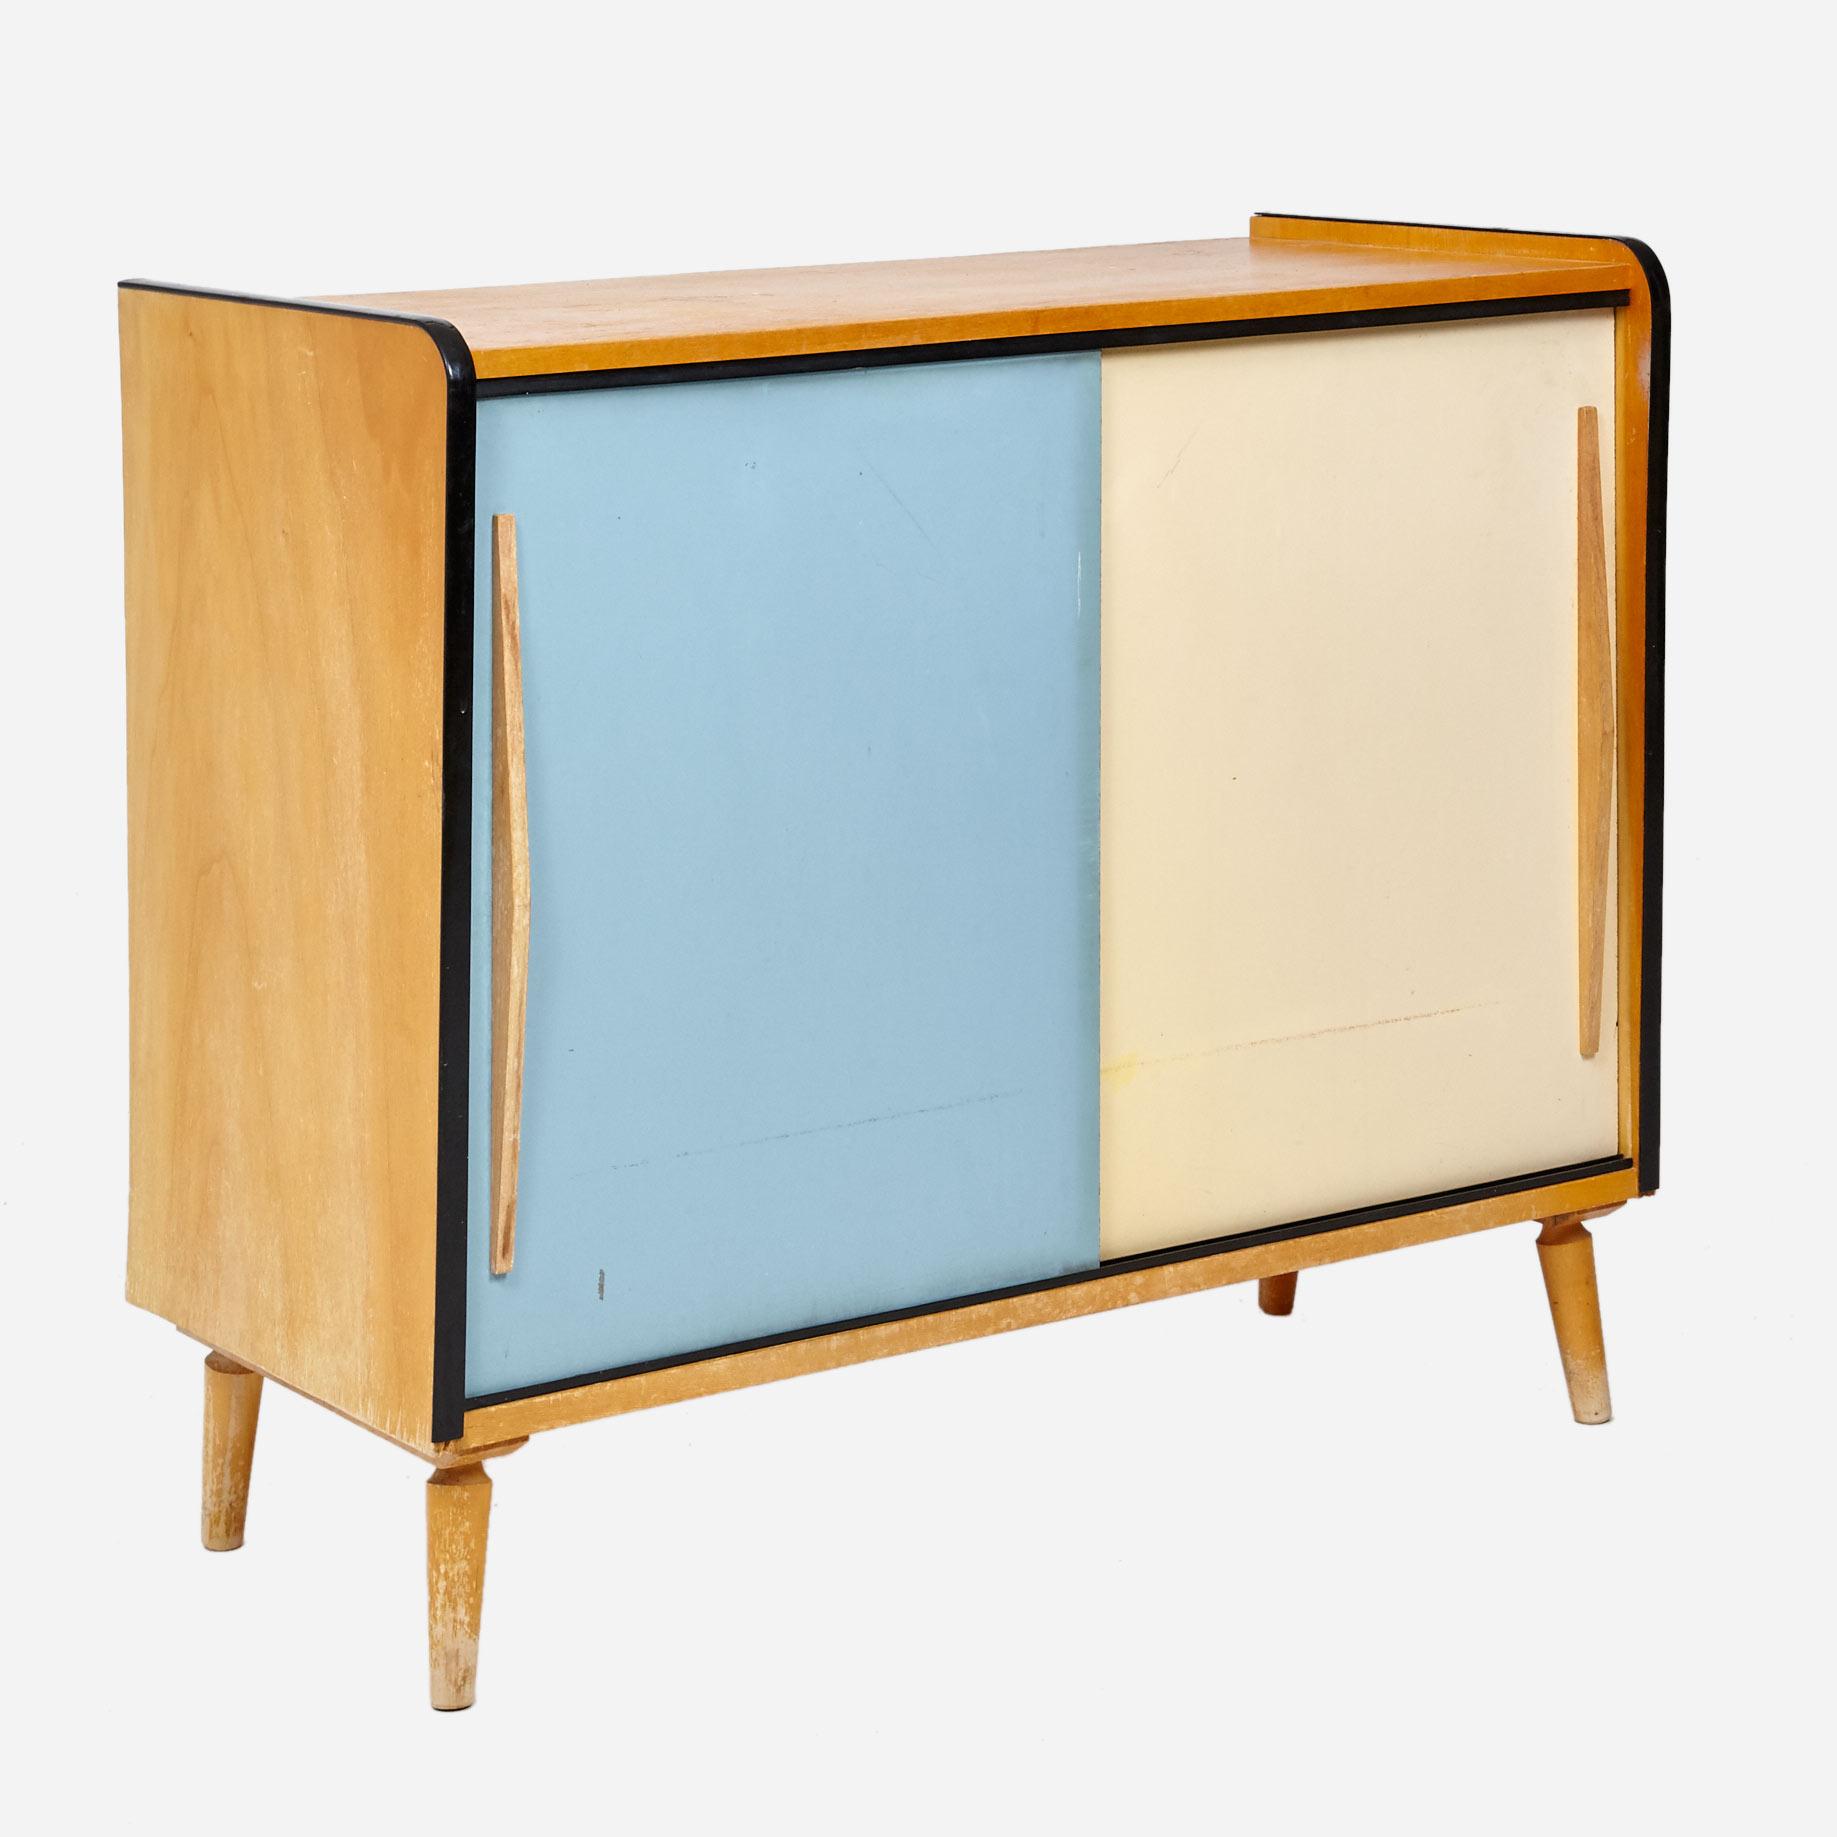 50er Jahre Möbel schiebeschrank pago 50er jahre möbel zürich vintagemöbel